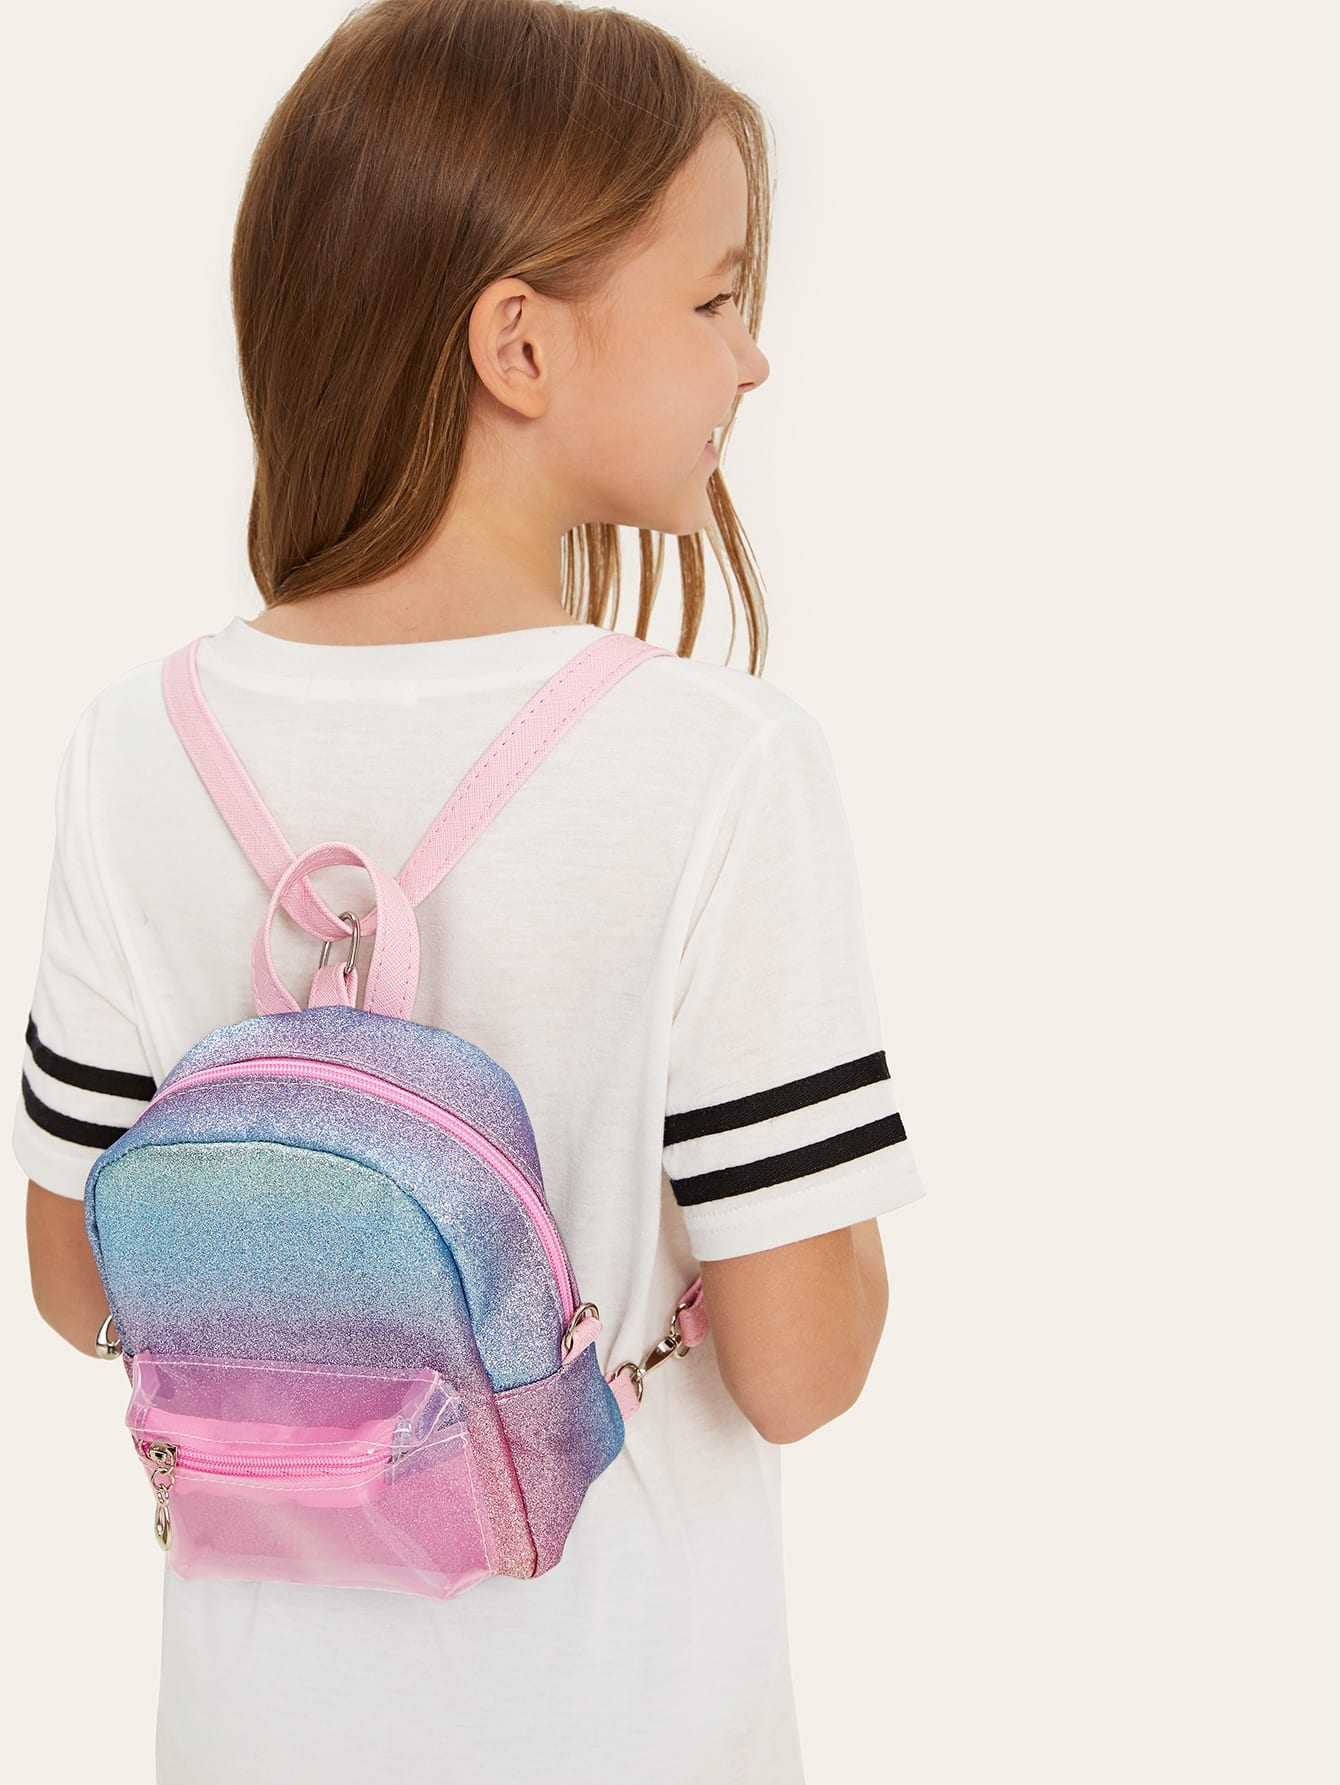 Купить Для девочек мигающий радужный рюкзак, null, SheIn